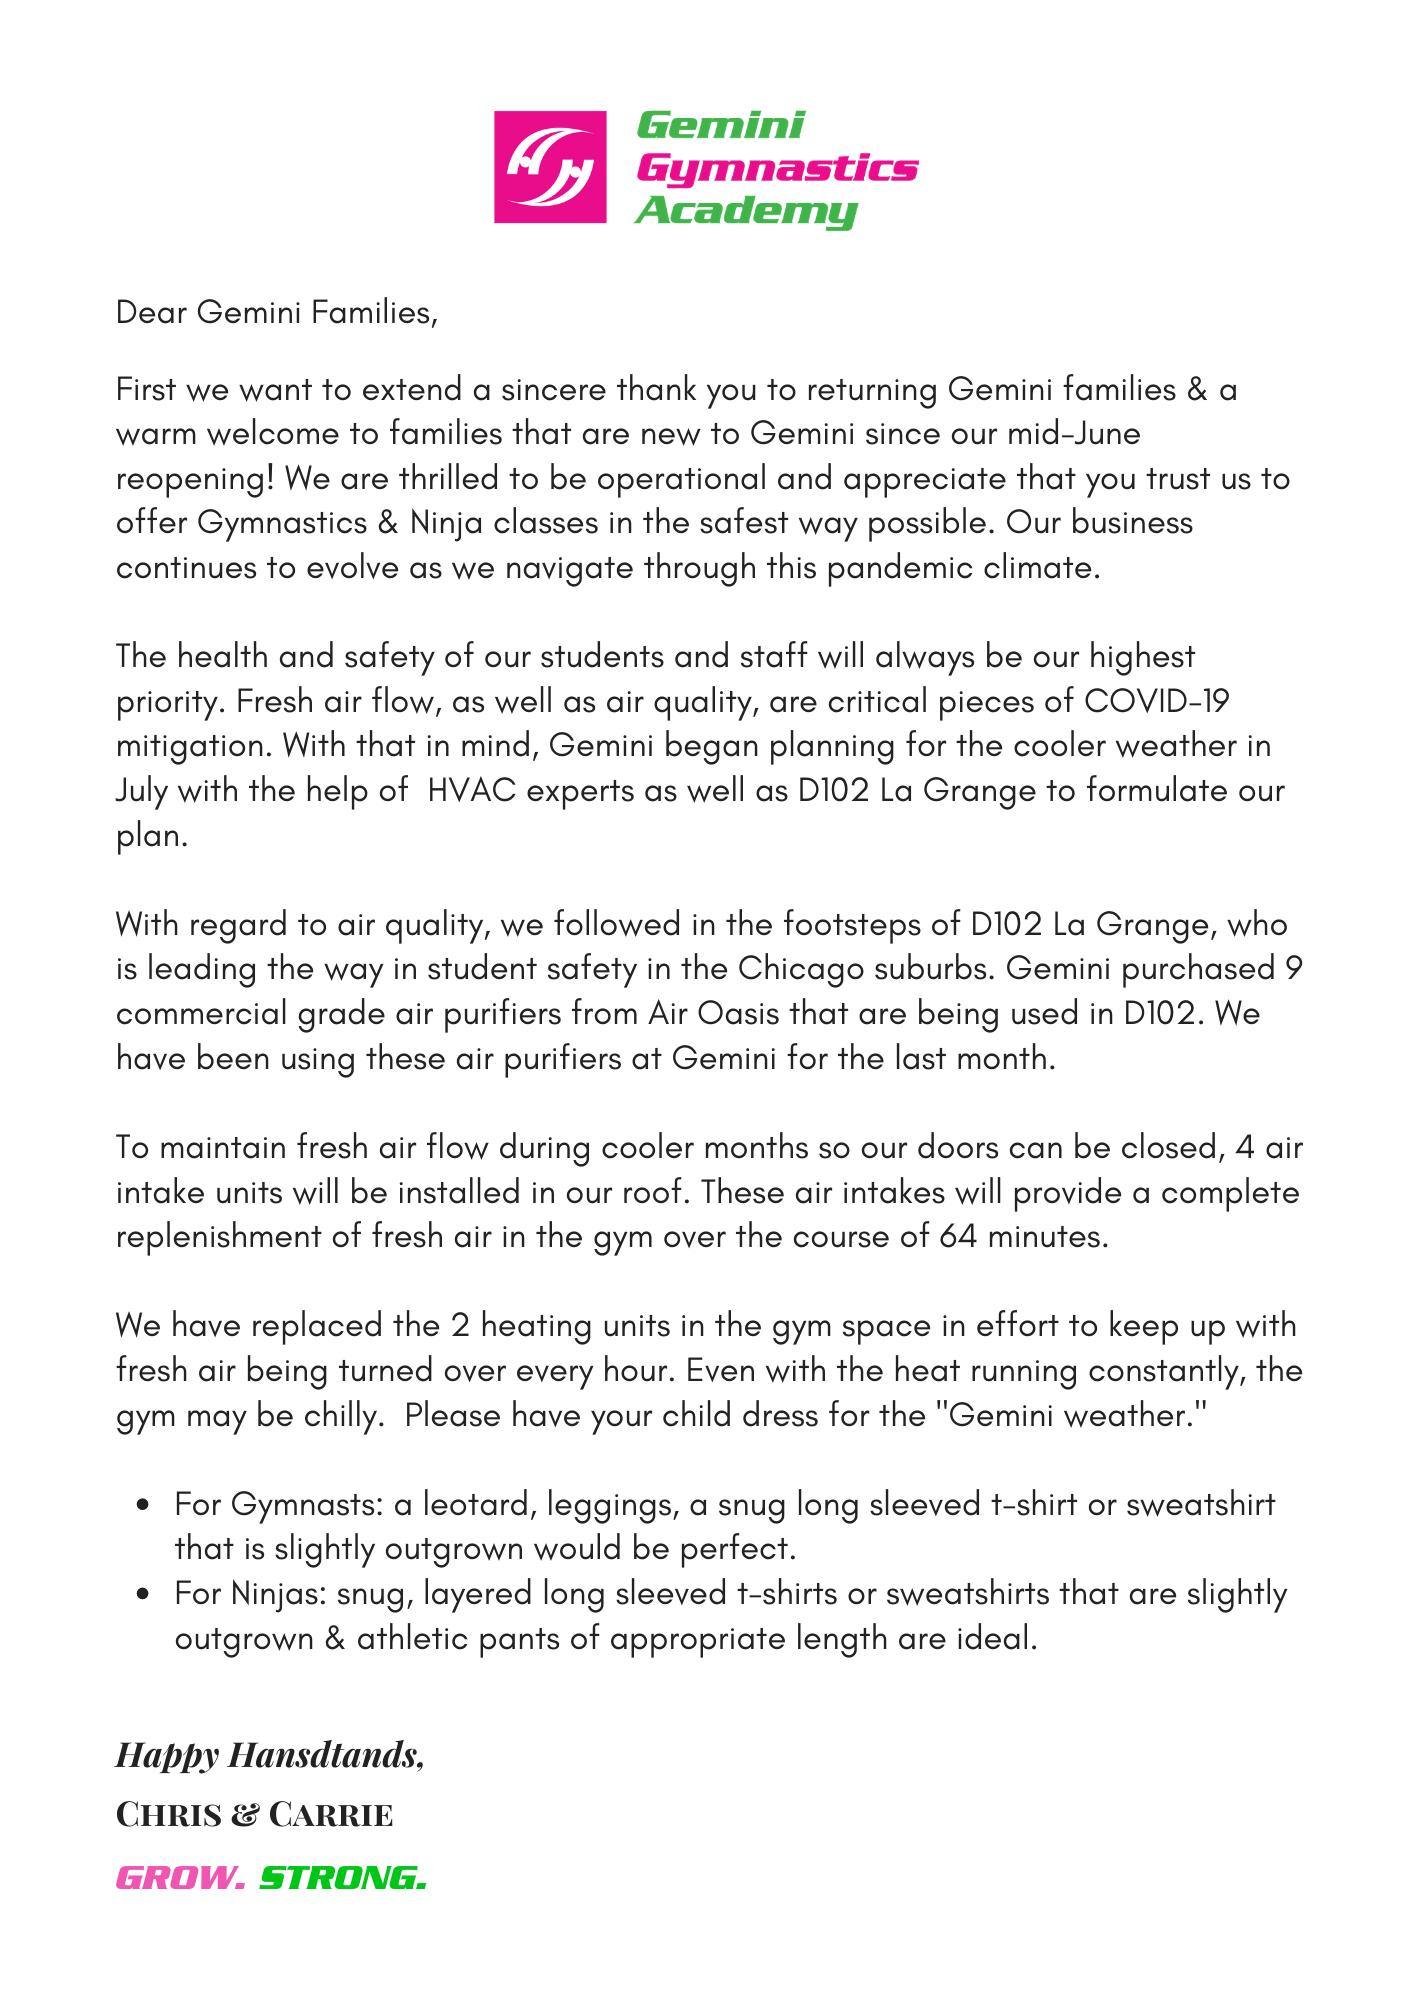 C&C safety letter